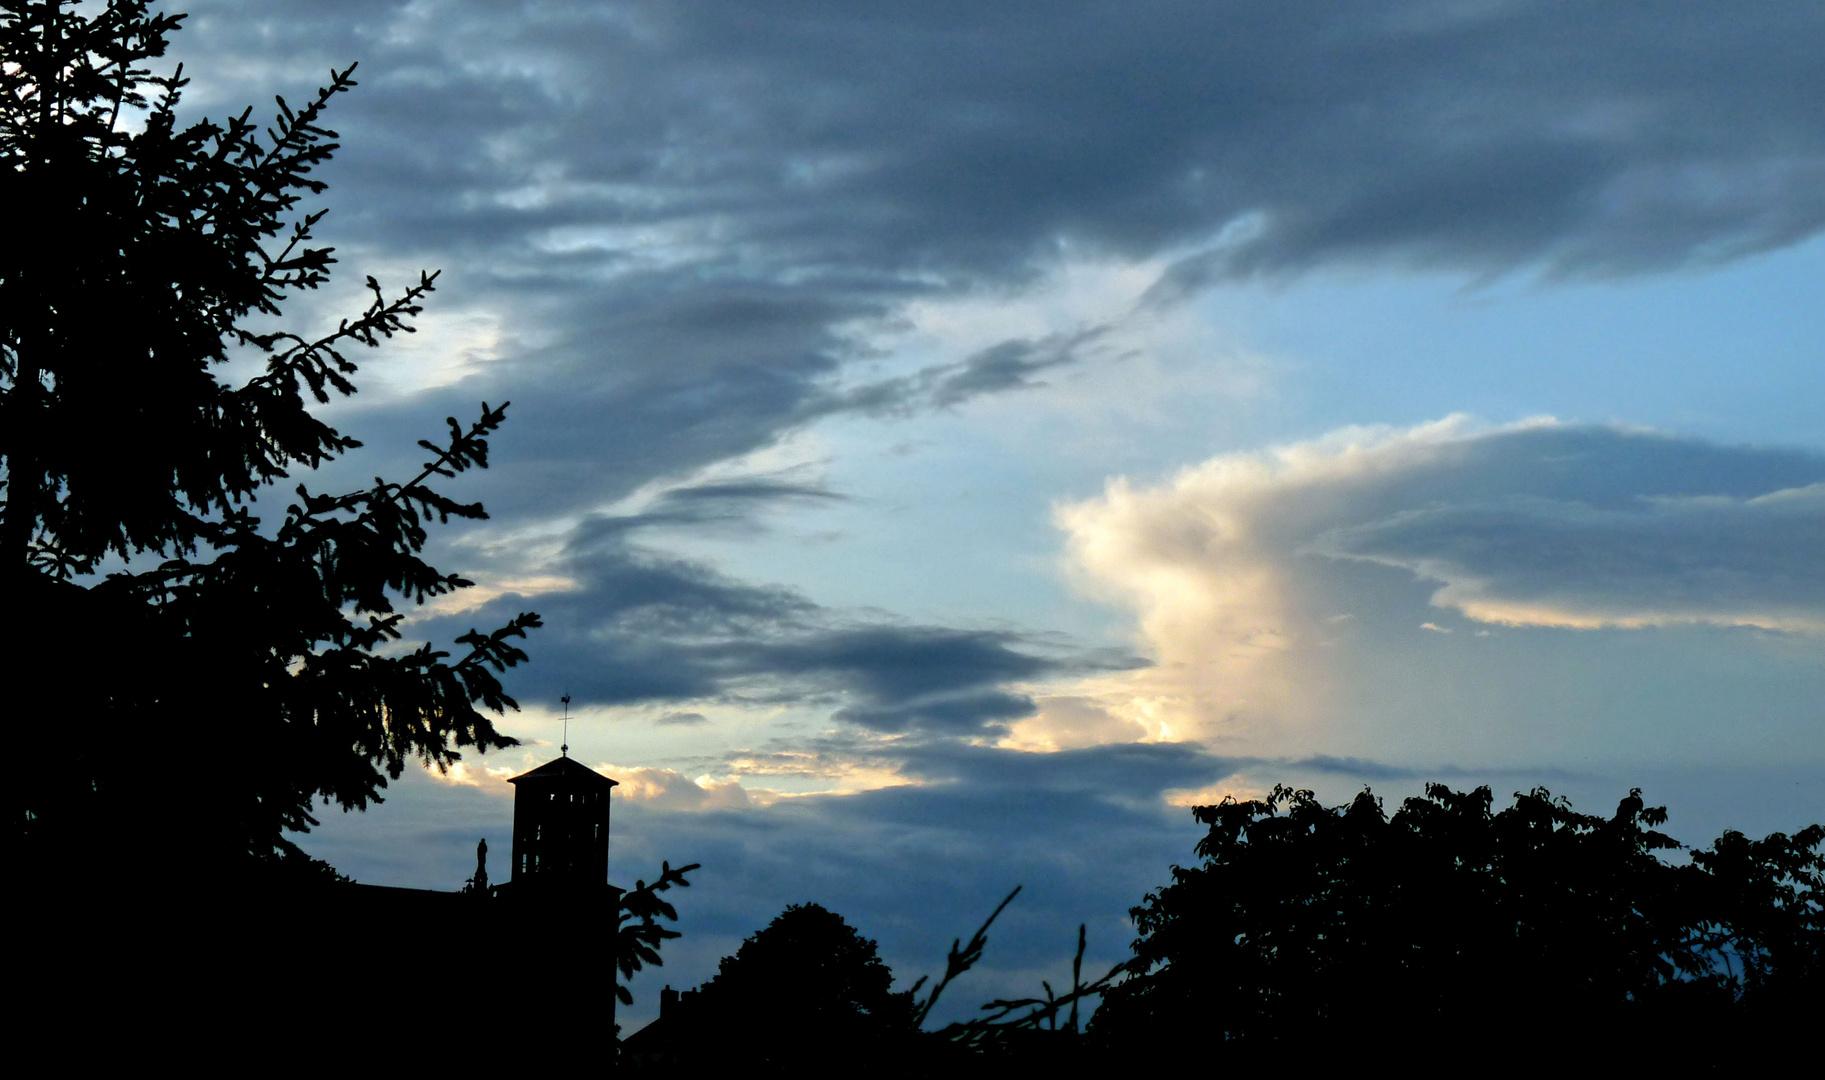 Le jour tombe, le ciel s'éclaire.